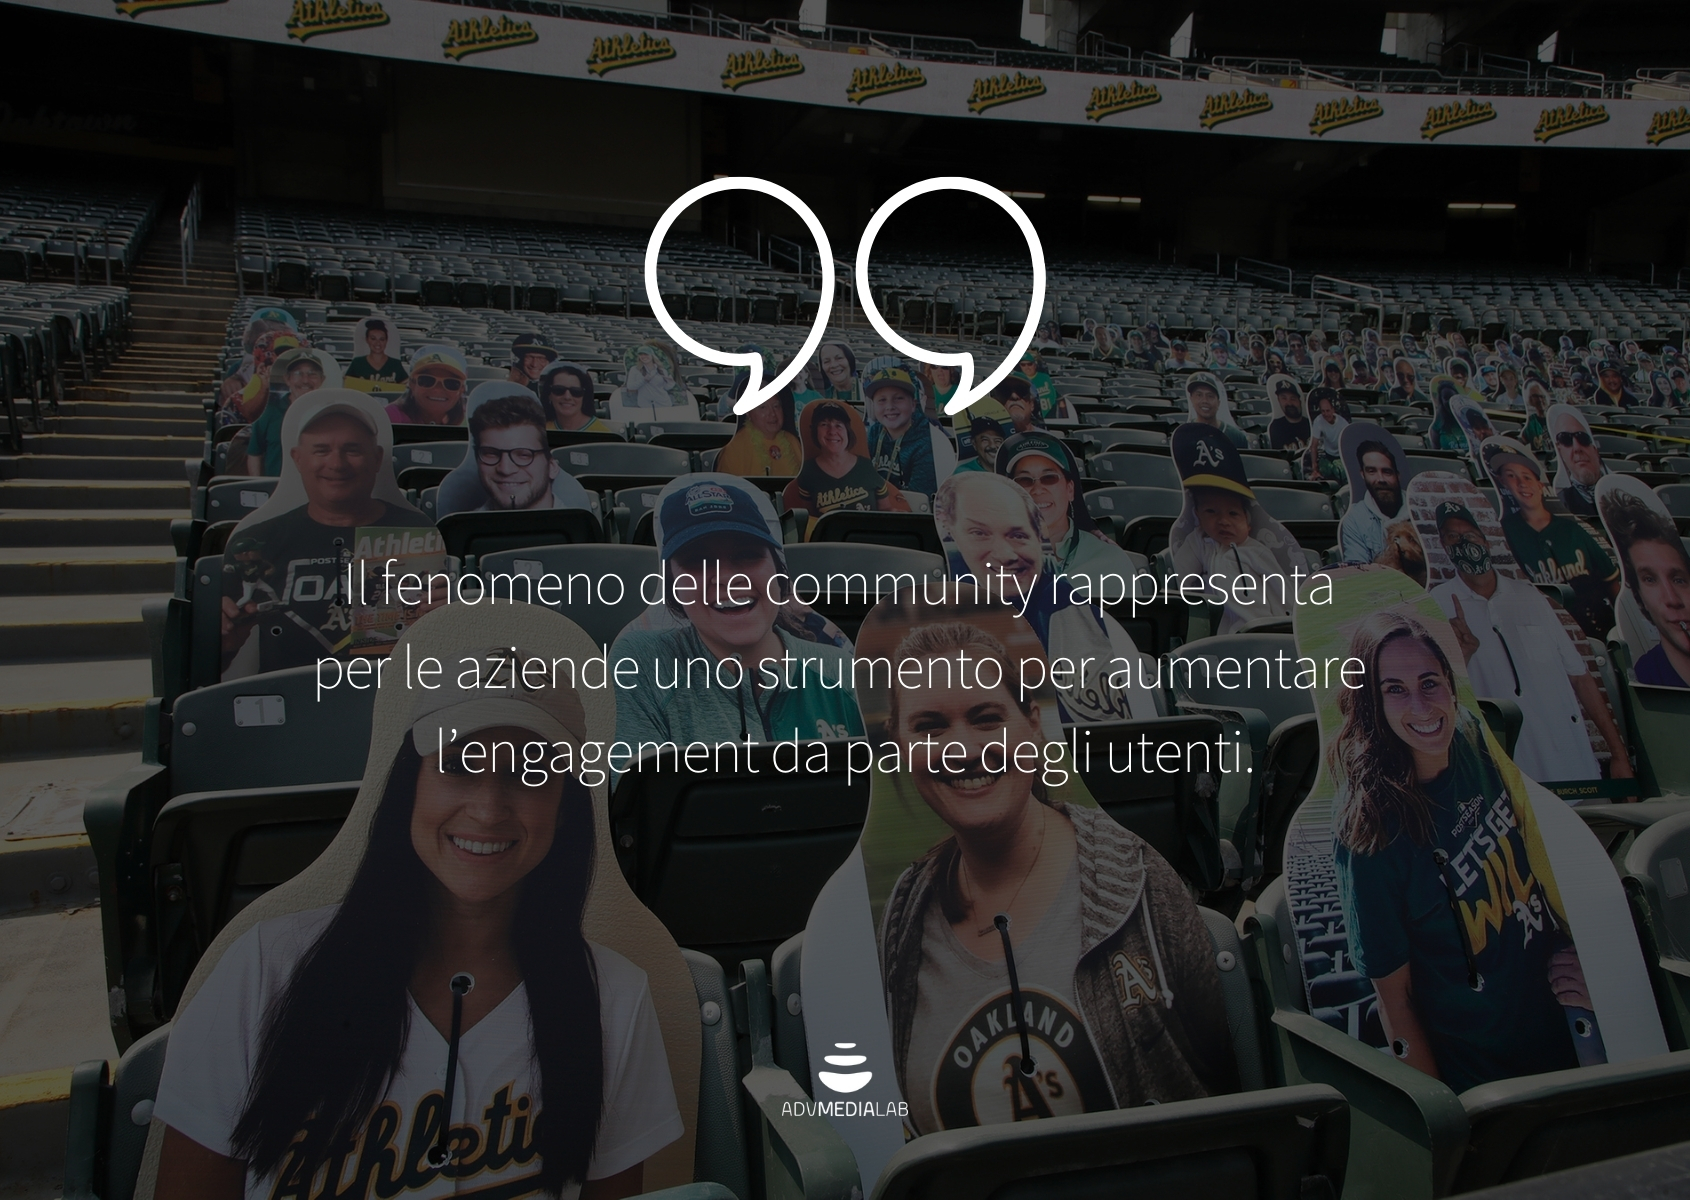 Ilfenomeno delle community rappresenta per le aziende uno strumento per aumentare l'engagement da parte degli utenti.